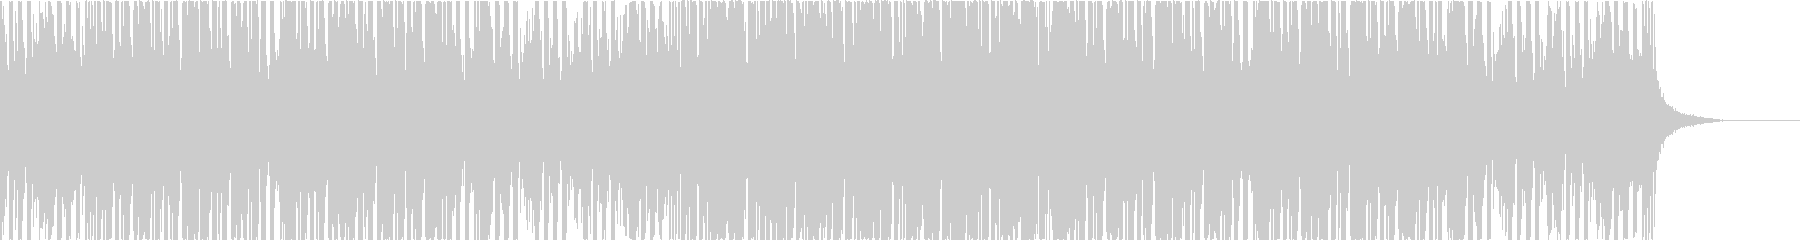 ポップでカラフルなエレクトロハウスの未再生の波形